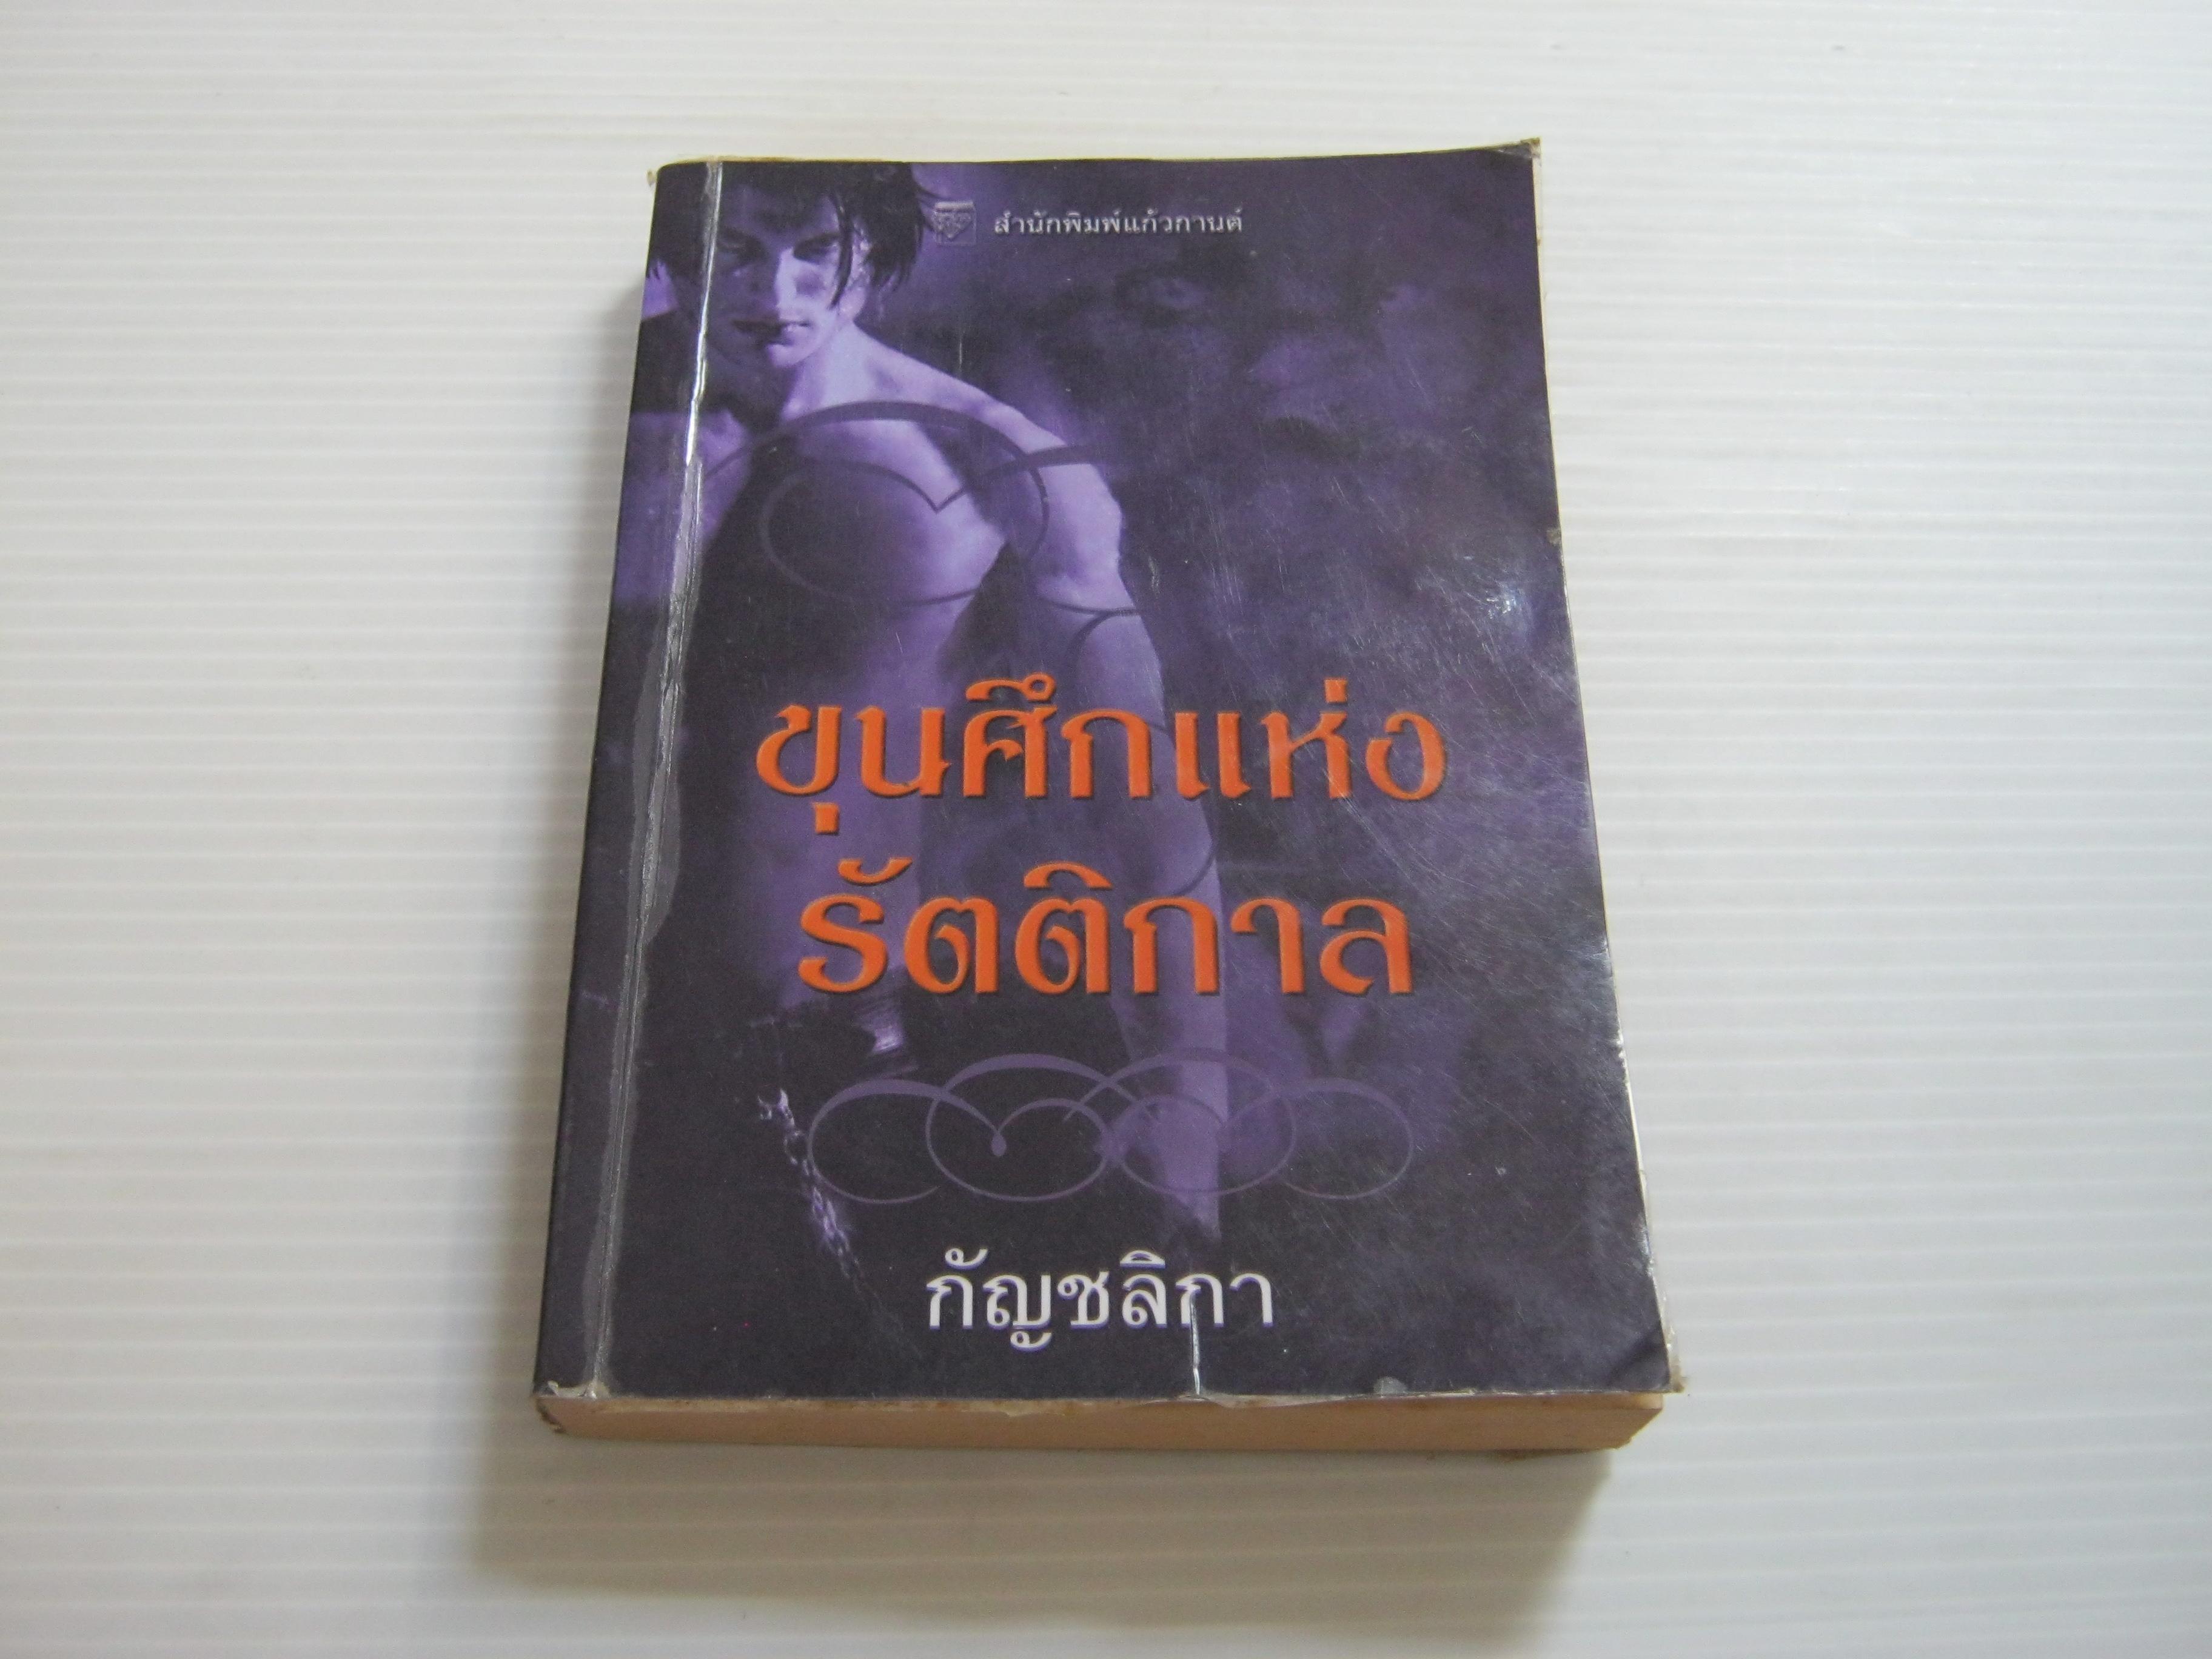 นิยายชุด รัตติกาล ตอน ขุนศึกแห่งรัตติกาล (Into The Shadow) คริสติน่า ดอดด์ เขียน กัญชลิกา แปล